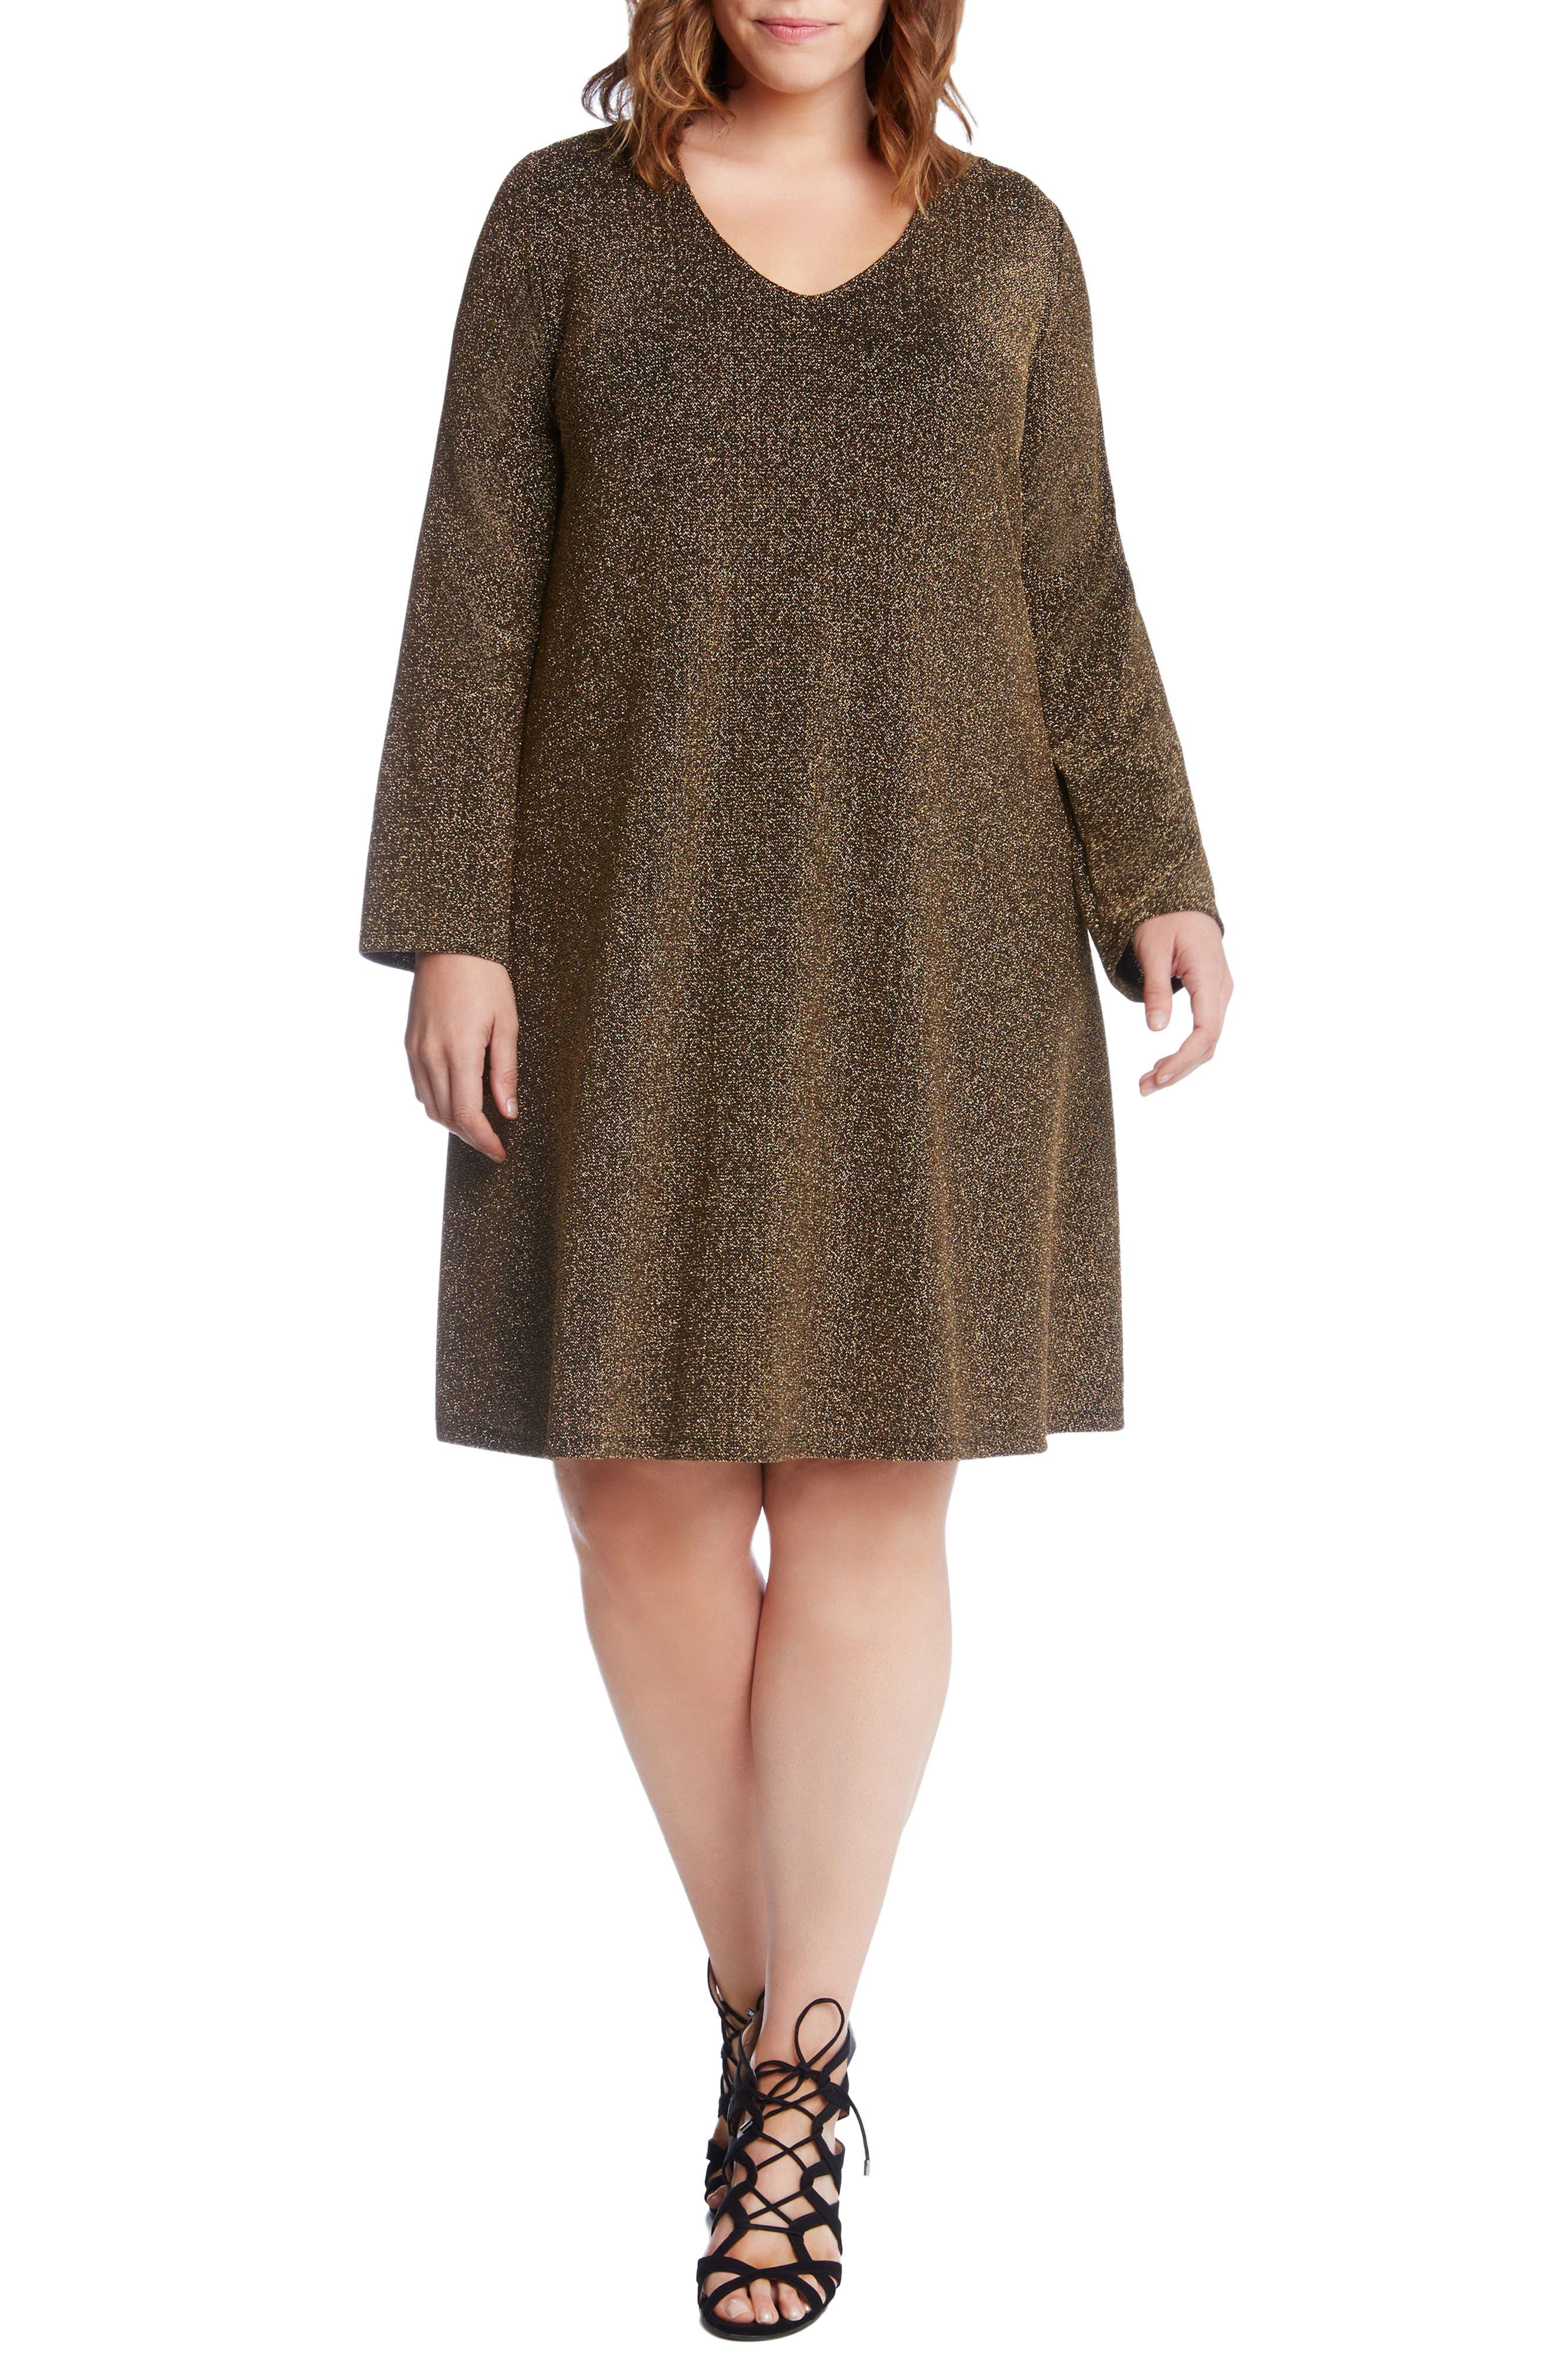 Taylor Gold Knit Dress,                             Main thumbnail 1, color,                             Gold